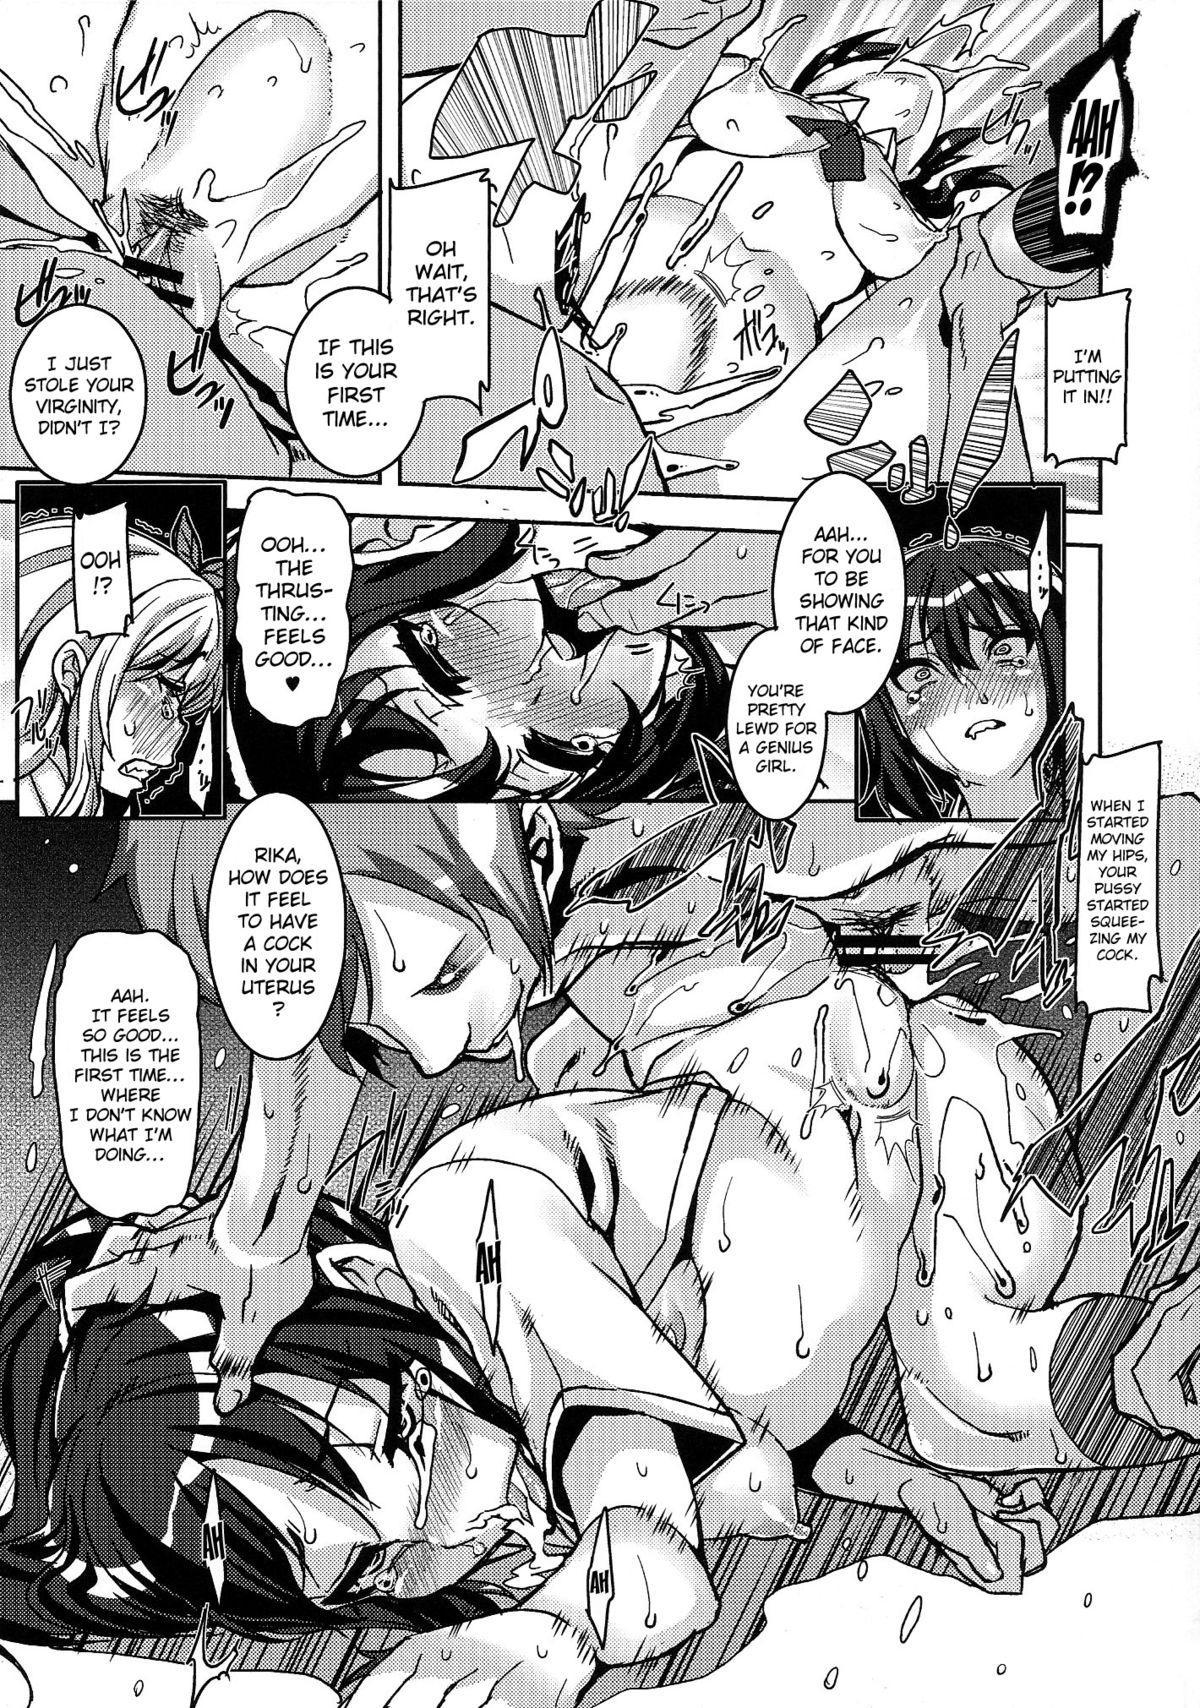 Boku no Seiyoku ga Tomaranai!? | I Can't Stop My Sex Drive 9